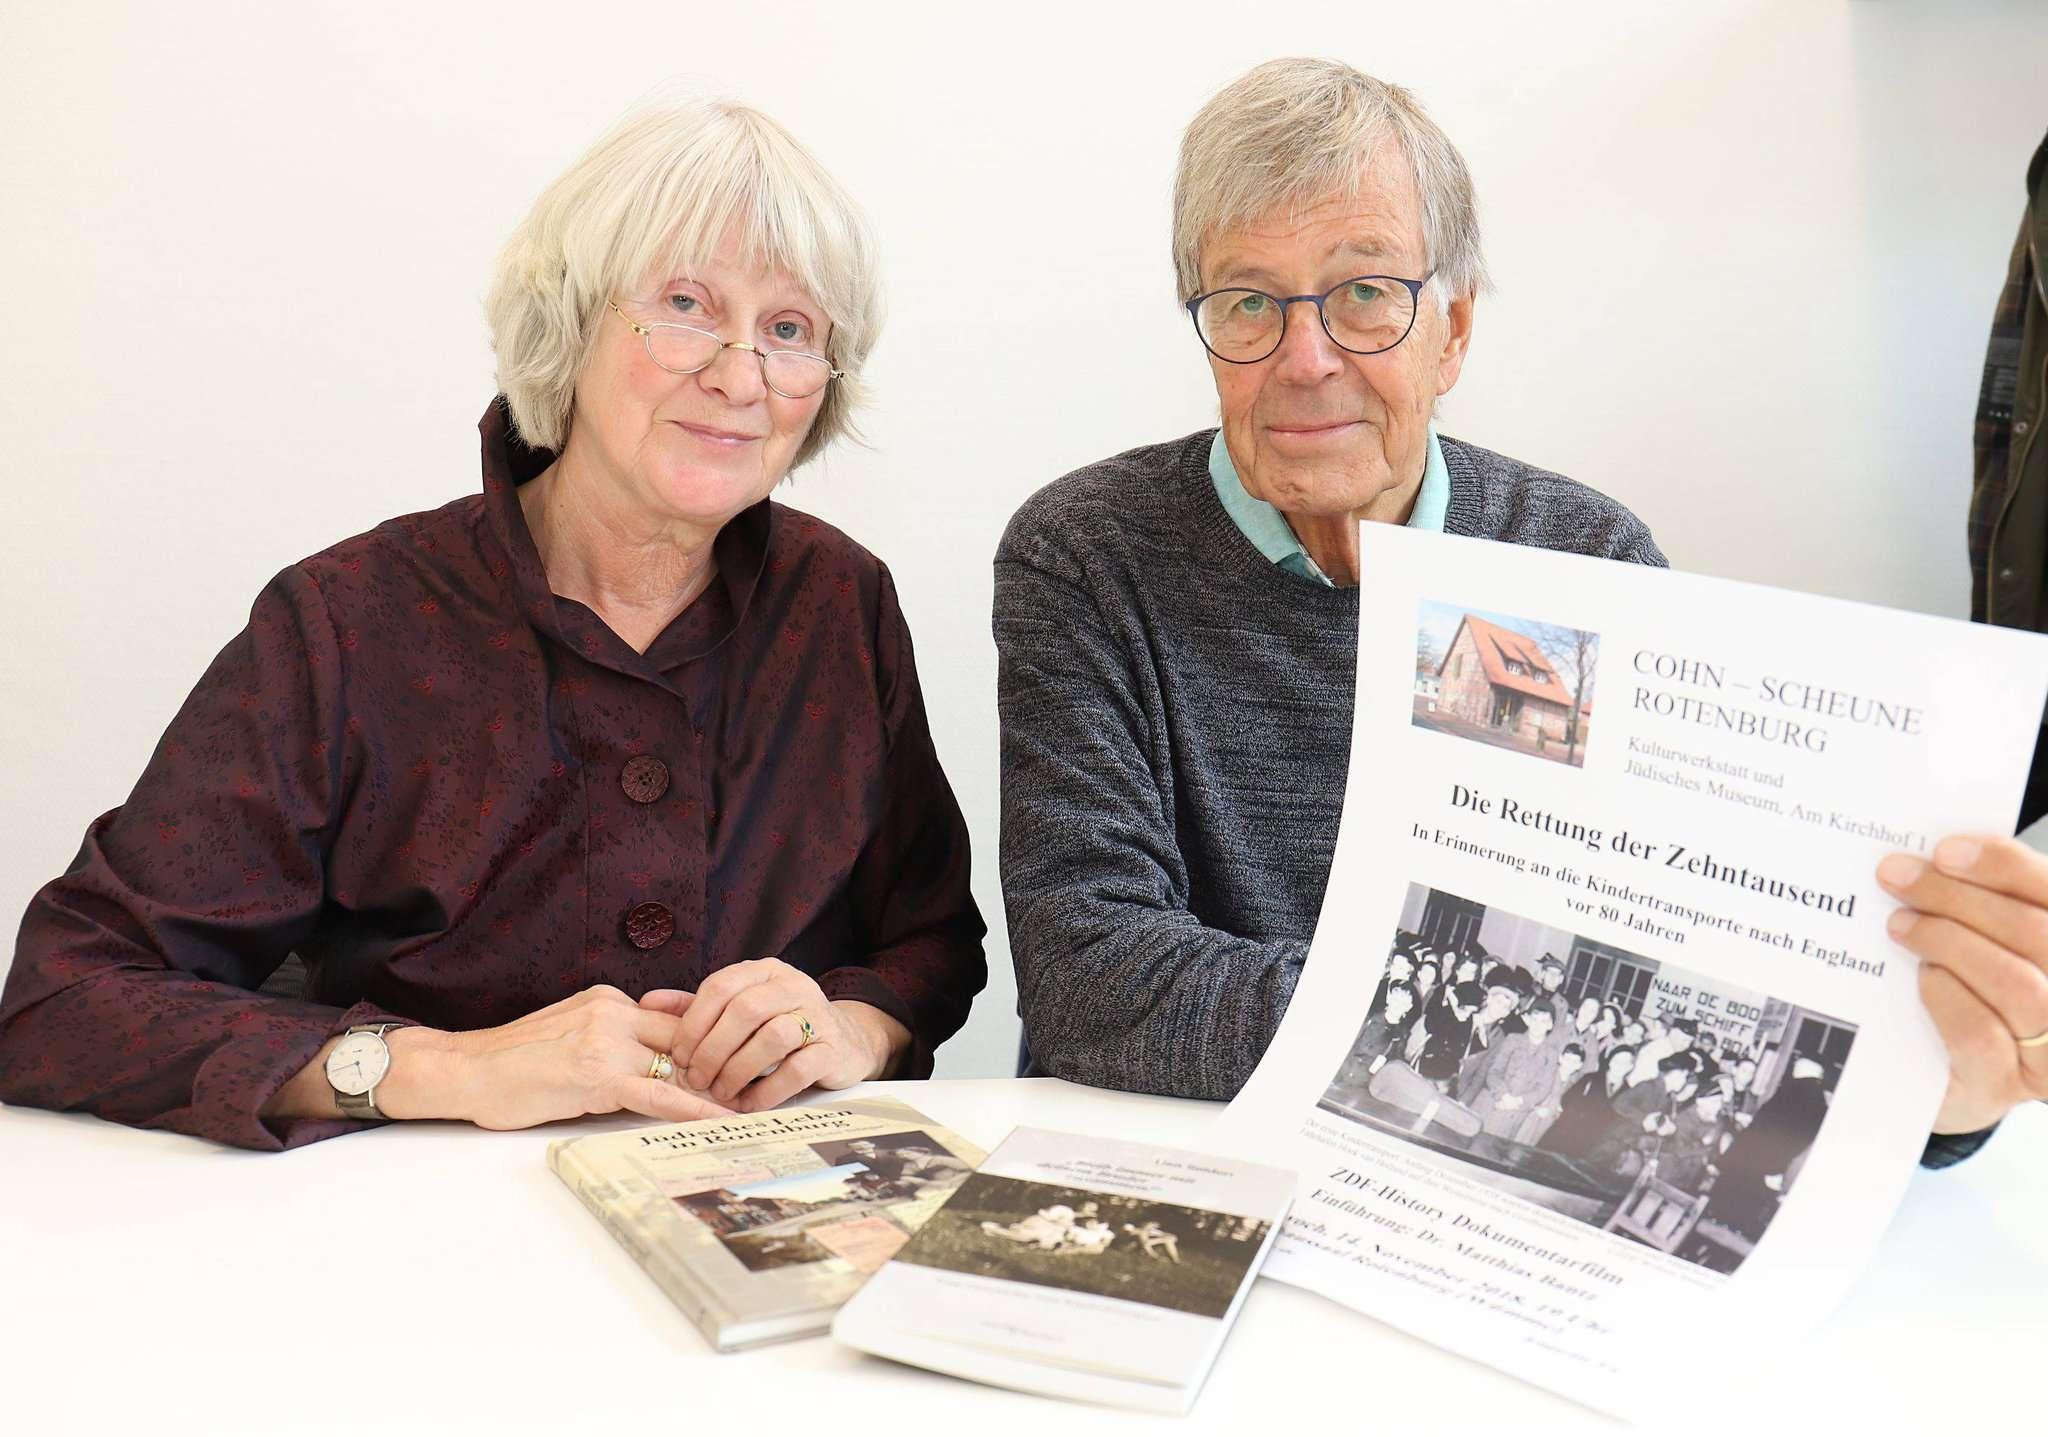 Inge Hansen-Schaberg, Vorsitzende des Fördervereins Cohn-Scheune, und Paul Matthias Bantz zeigen einen Dokumentarfilm im Ratssaal.